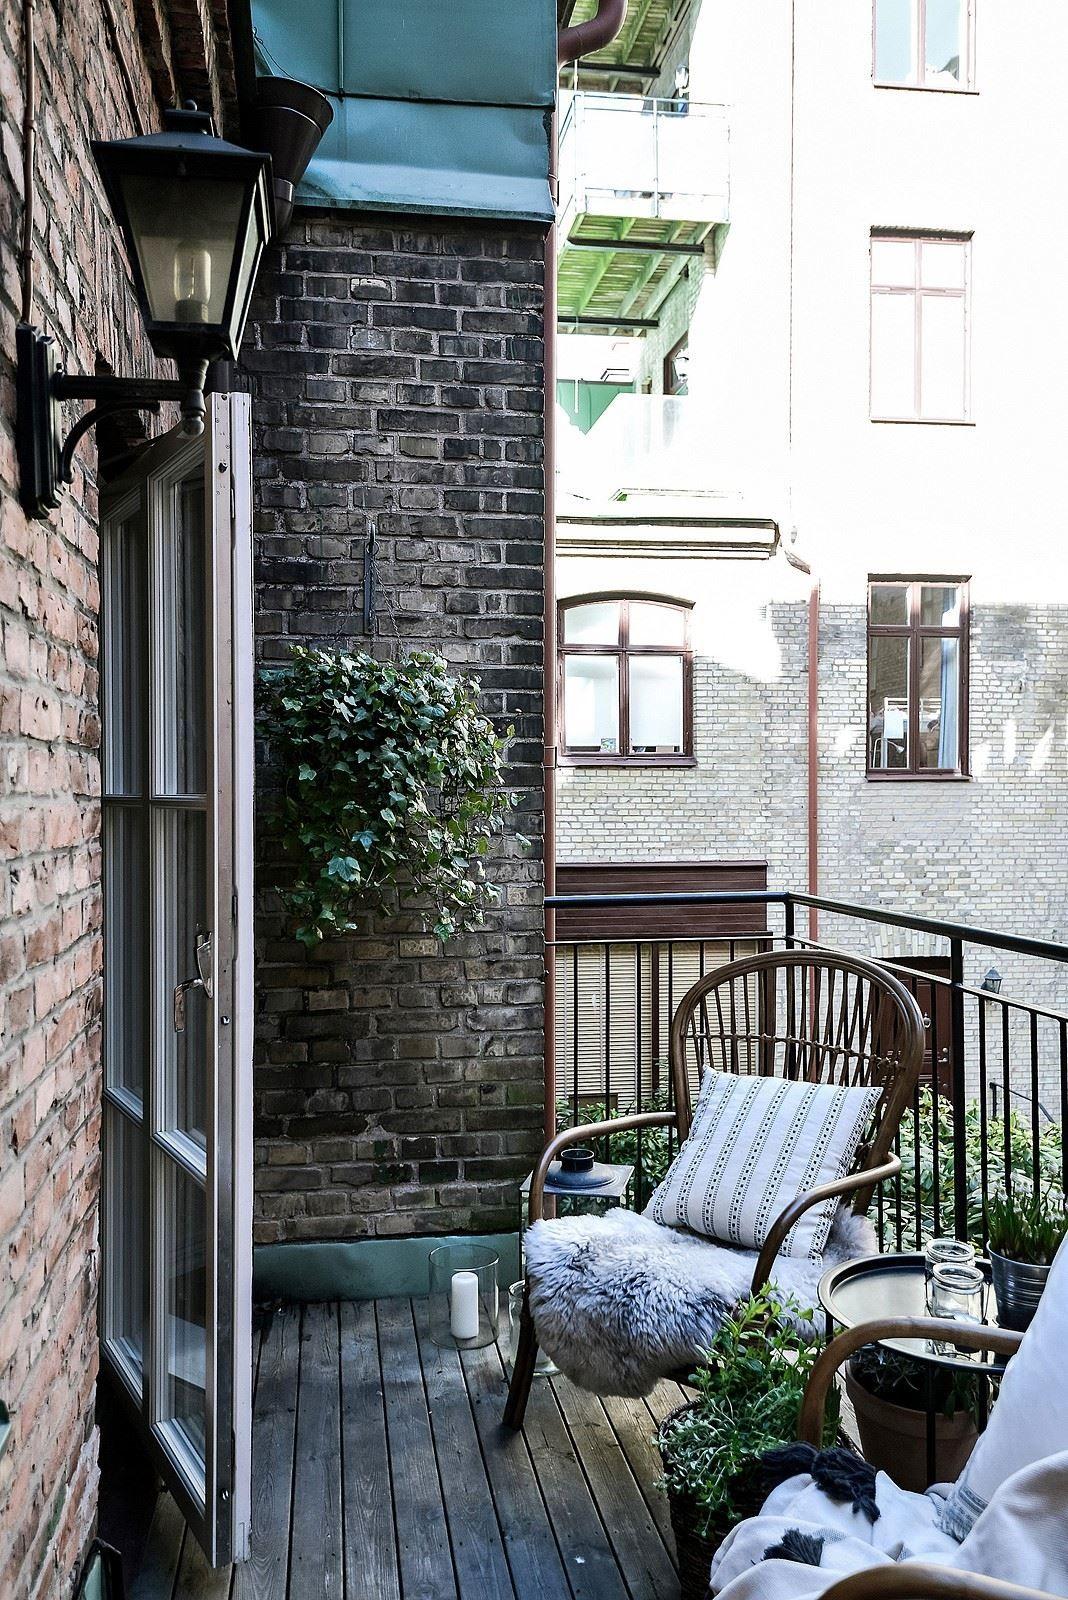 pin von ieva mark auf decor | pinterest | terrasse, balkon und